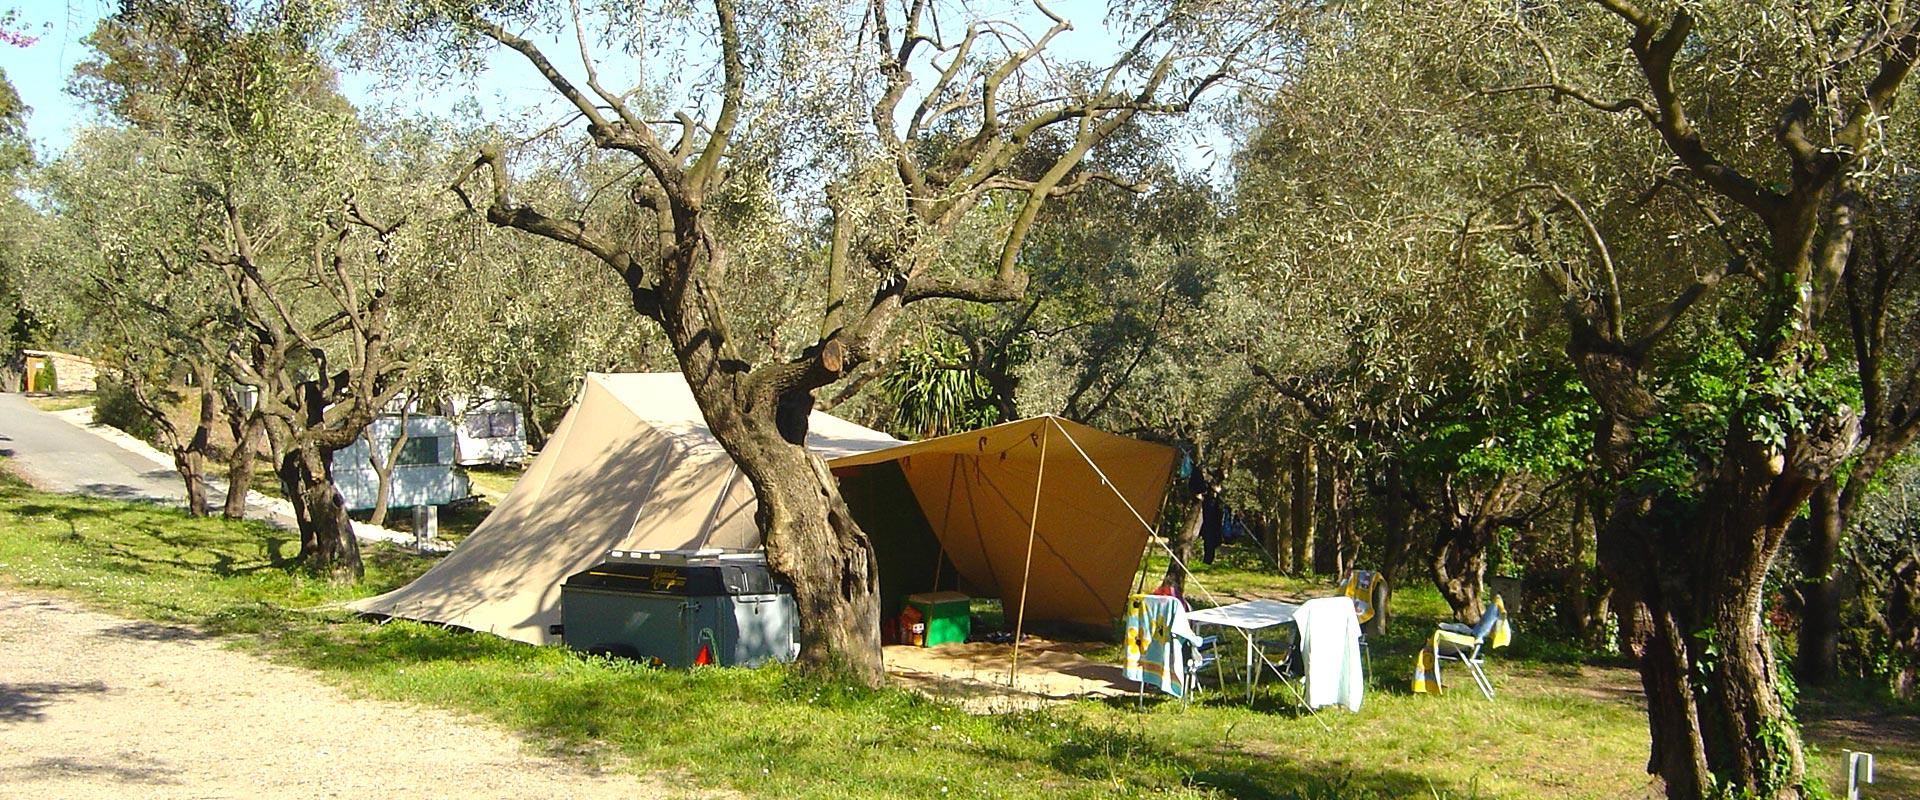 Een kampeerplaats voor tenten